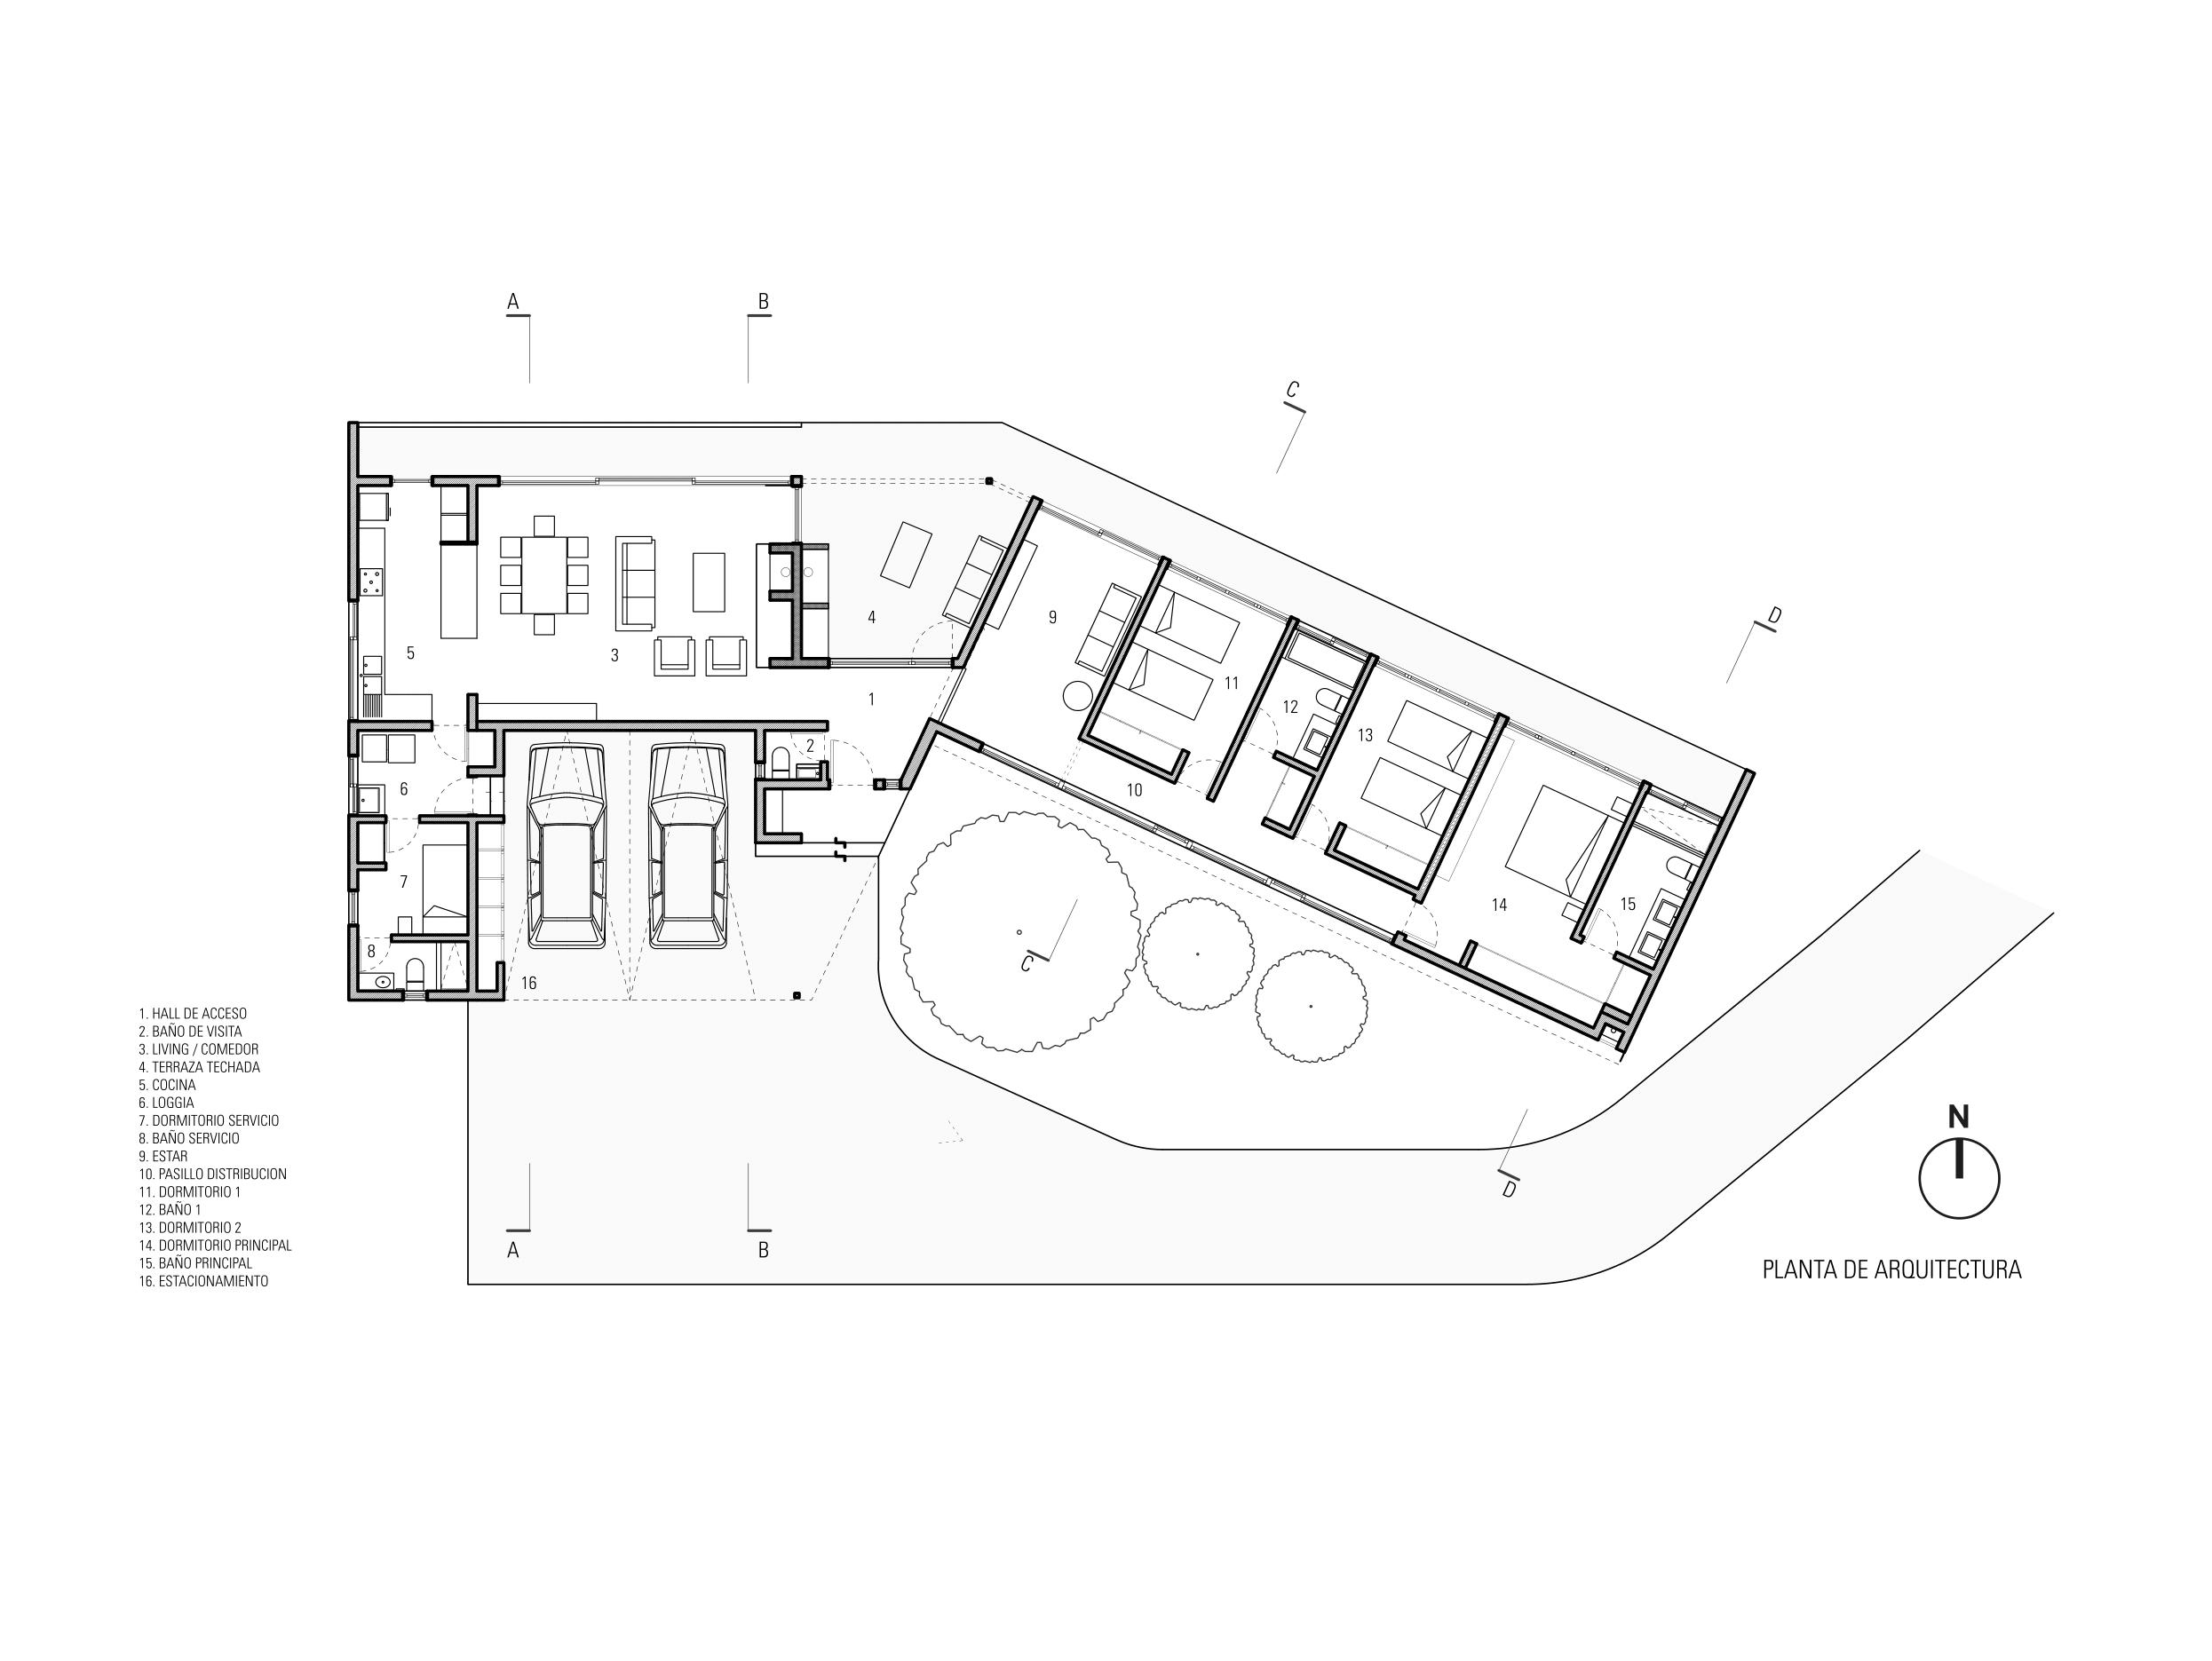 Arquitectura BJ